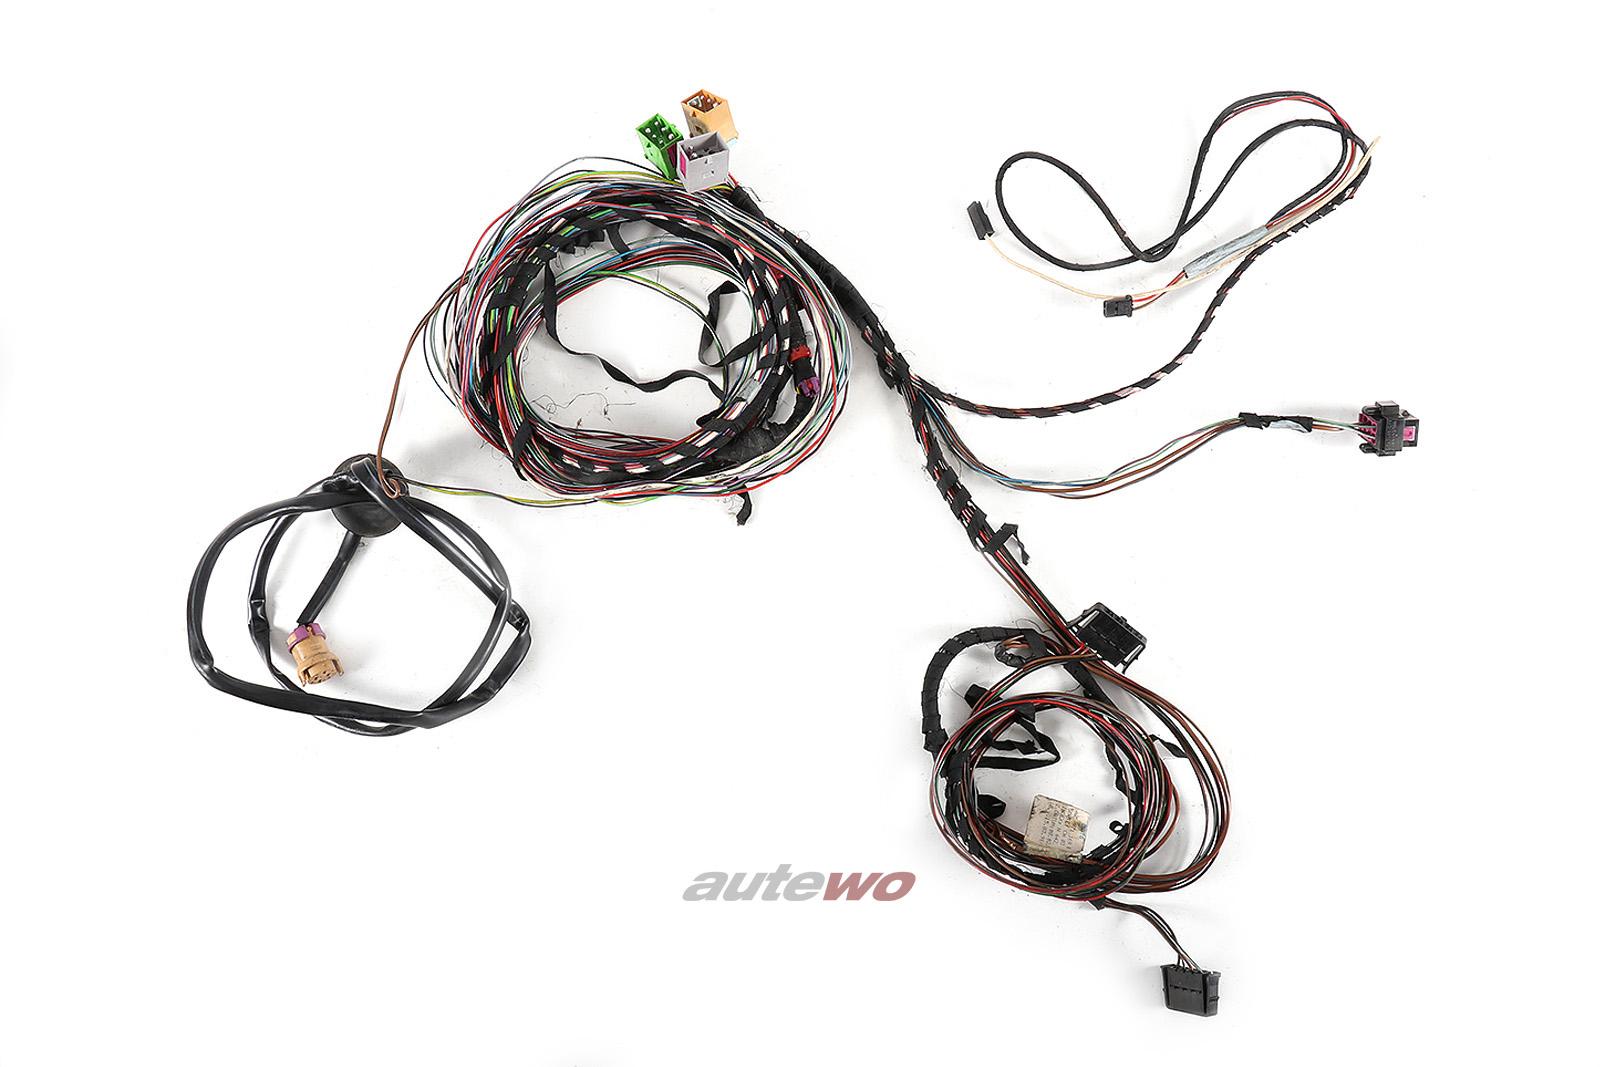 4A5971169B 4A5971169C Audi 100/A6 C4 Limousine Kabelbaum Beleuchtung Hinten